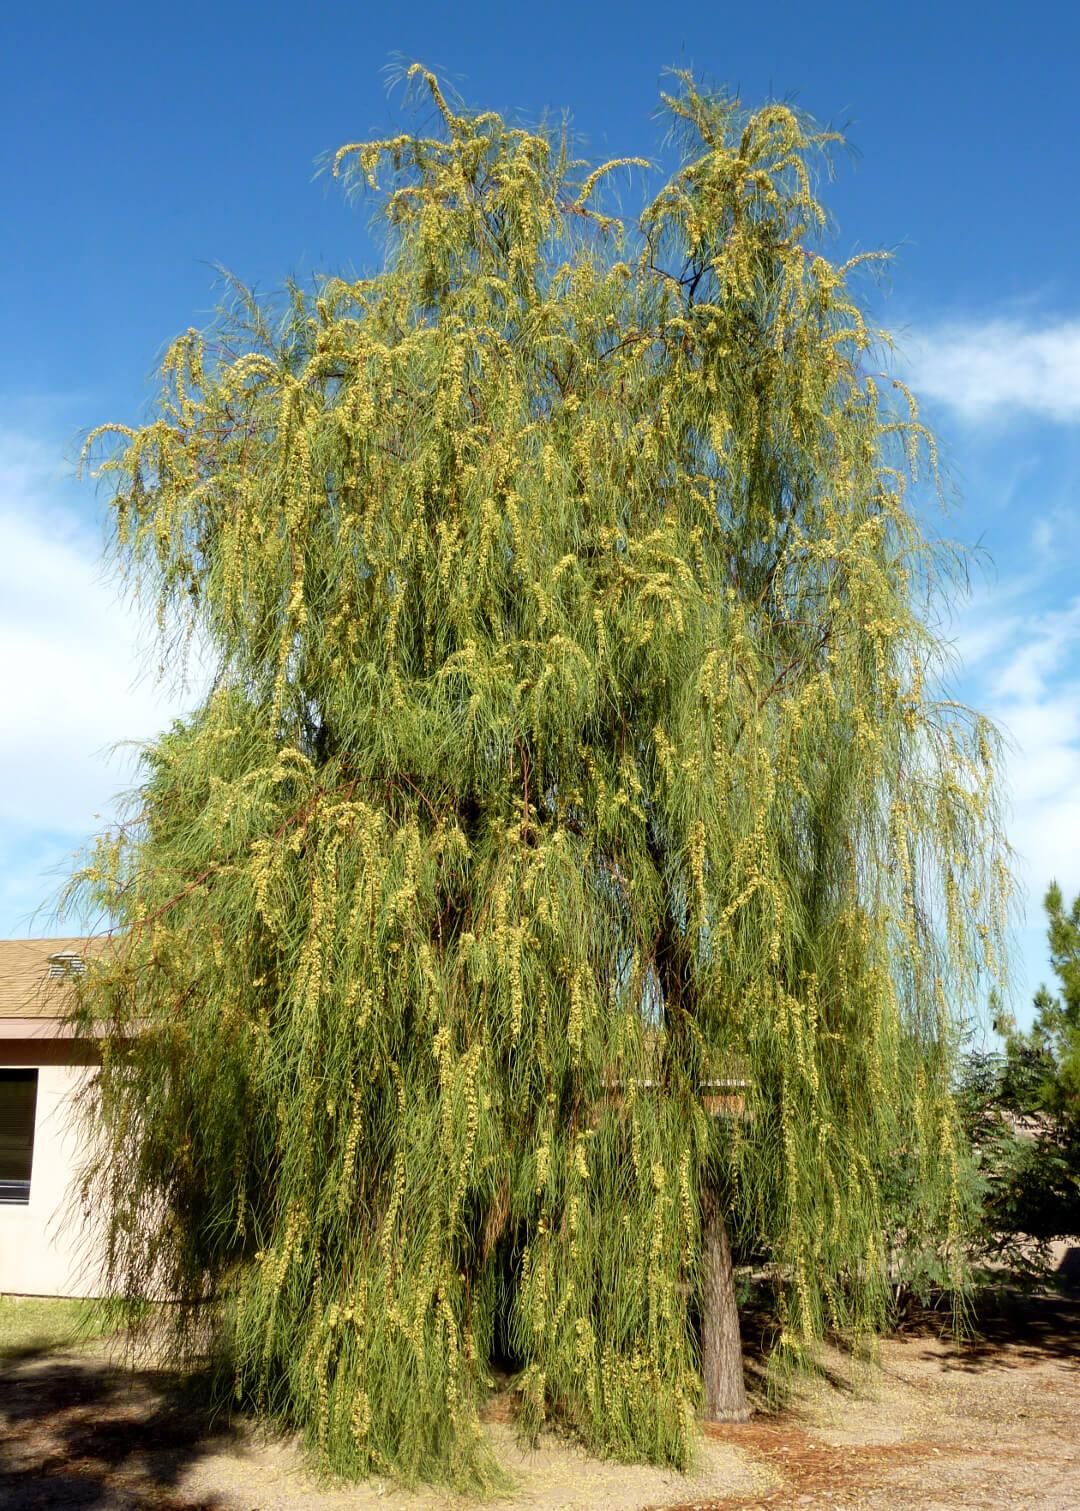 Shoestring Acacia (Acacia stenophylla)